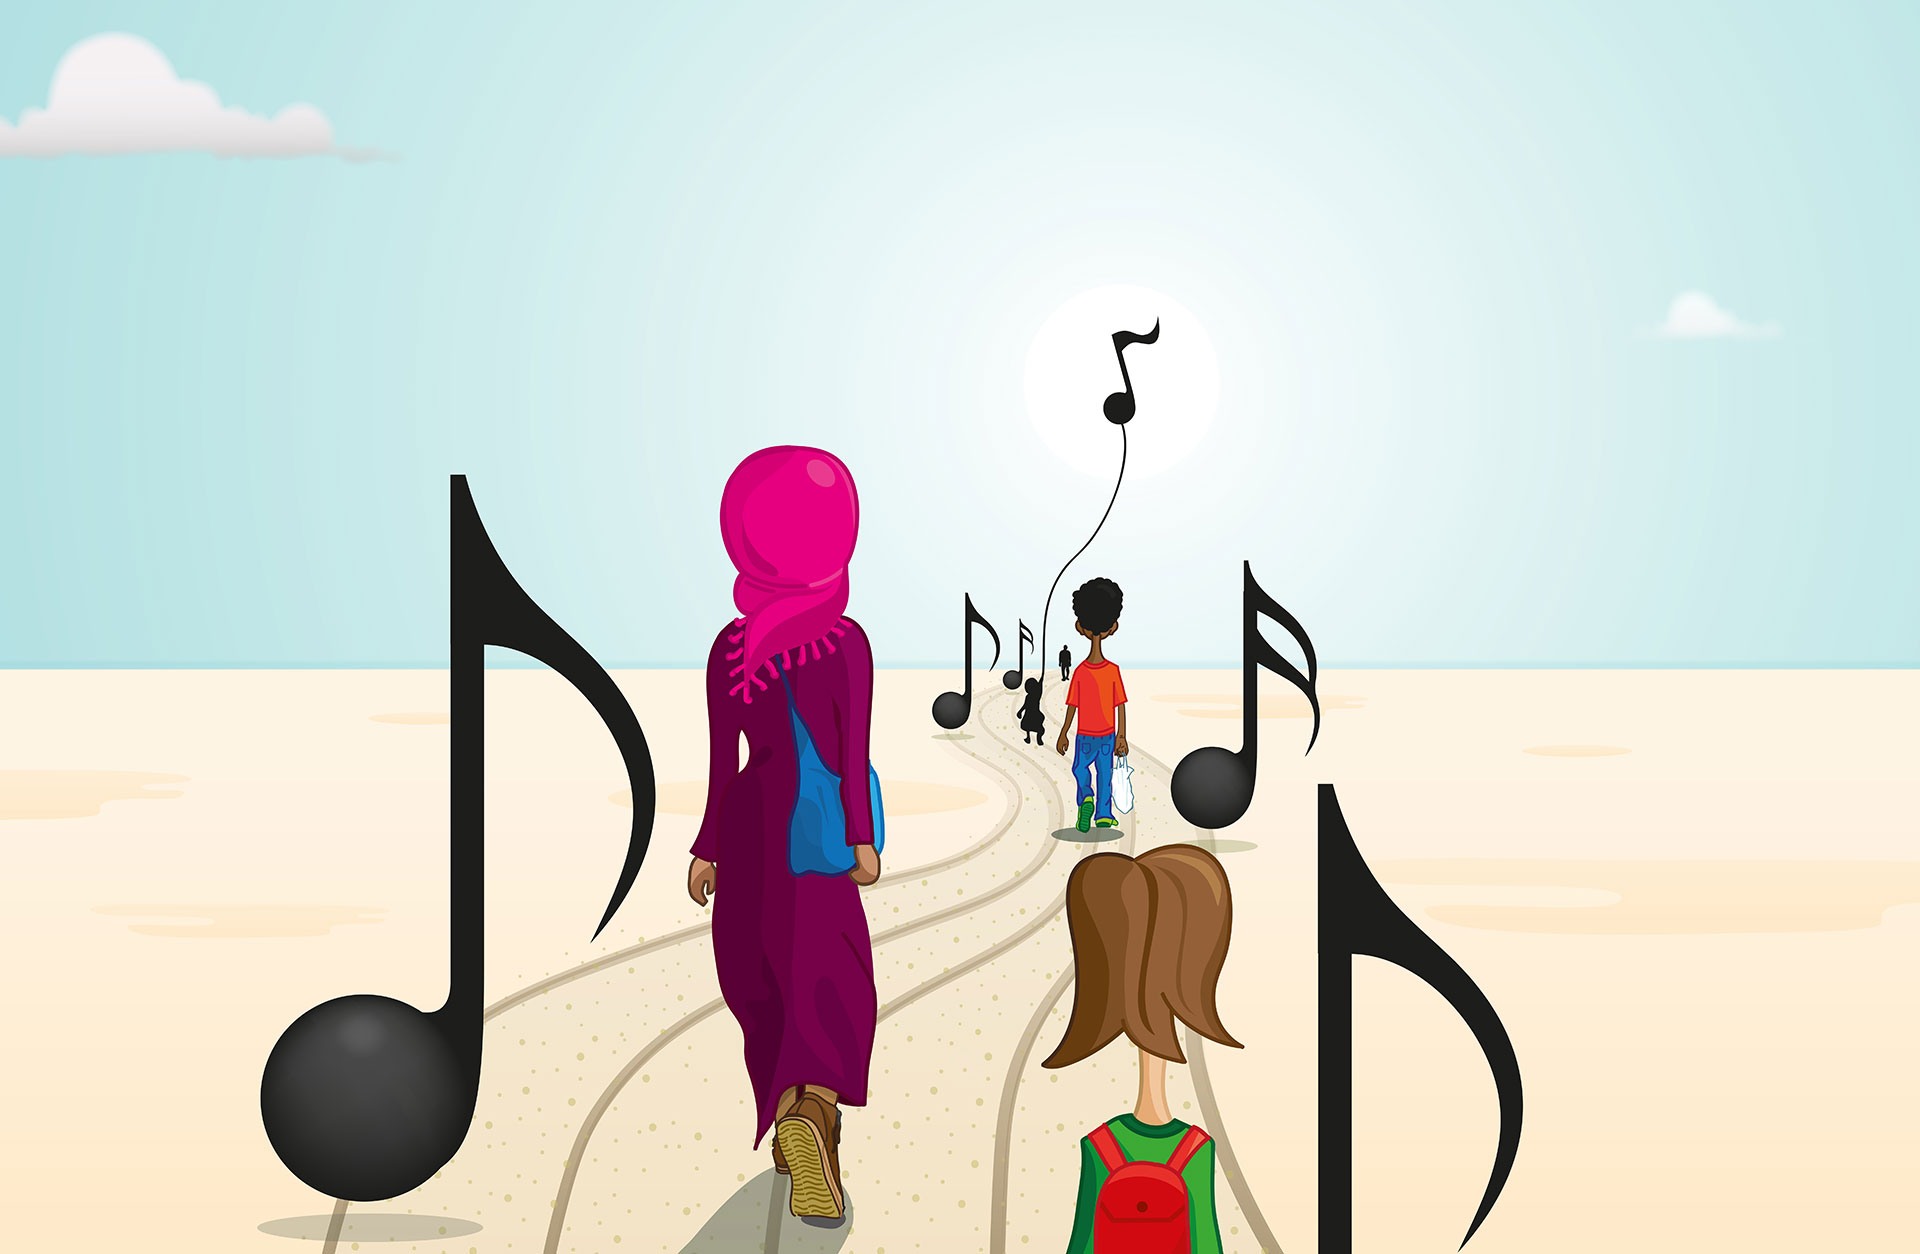 illustration där en familj går i öken med noter runt sig